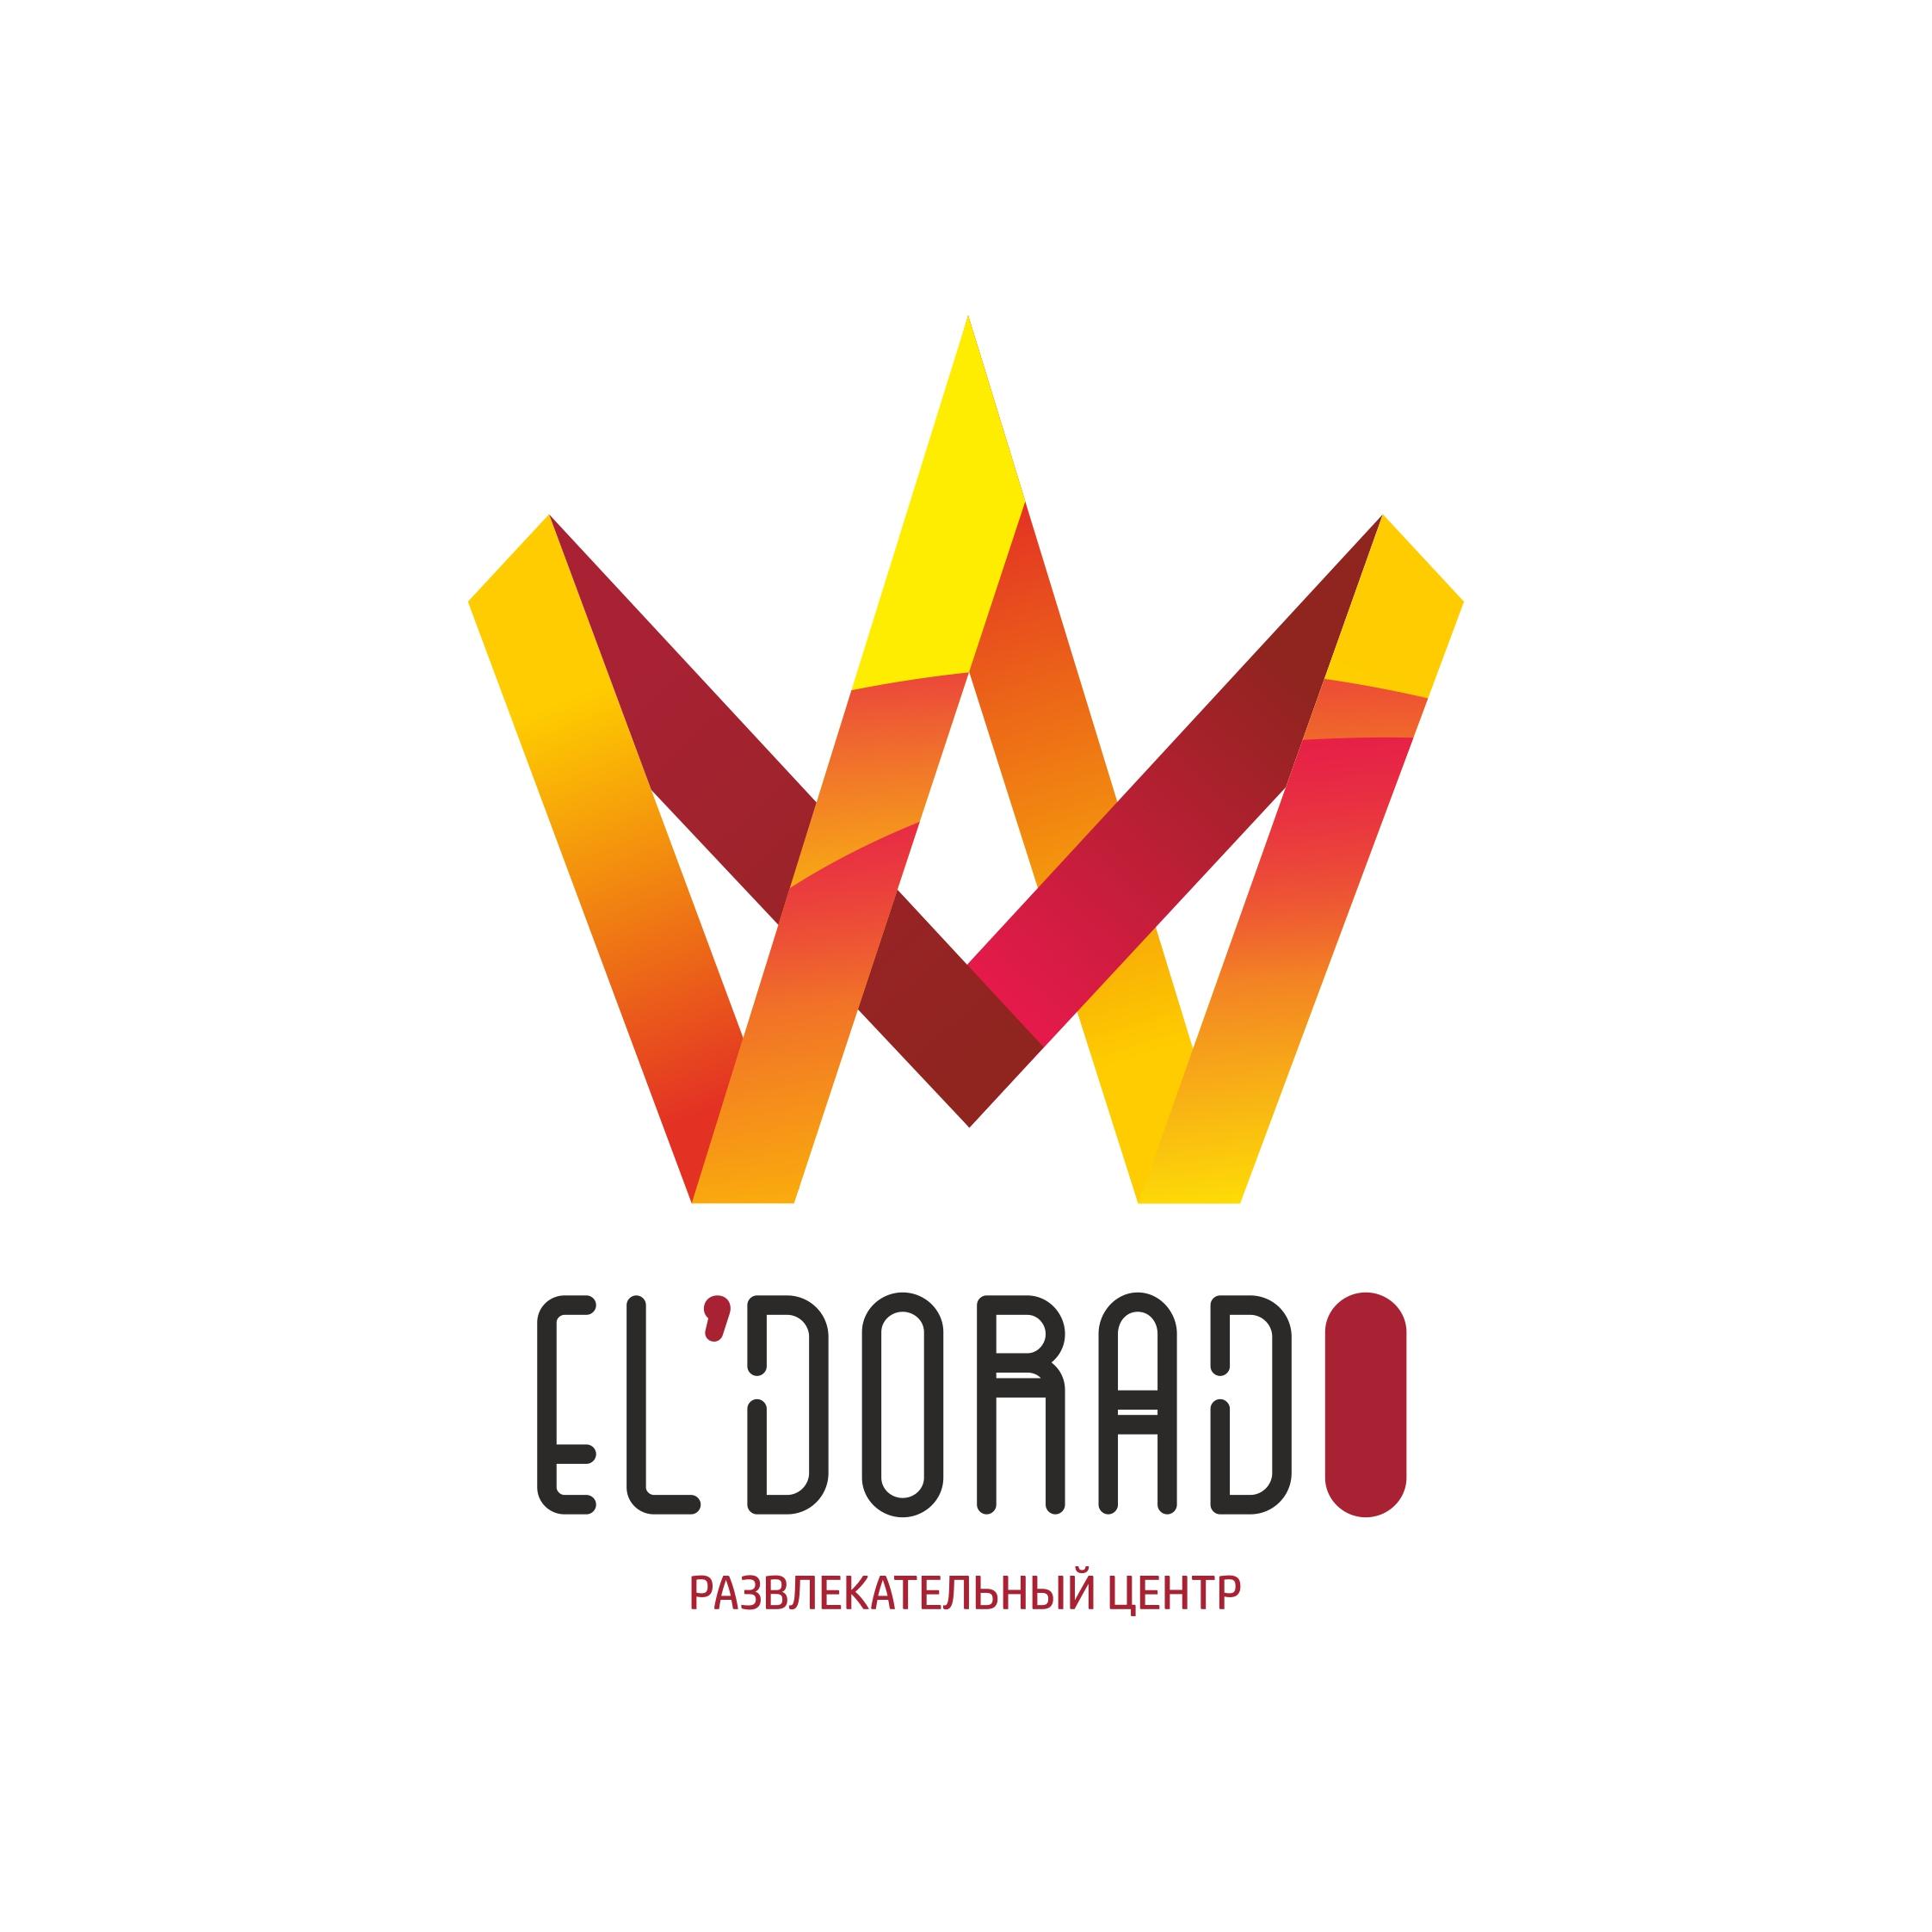 Эльдорадо 2